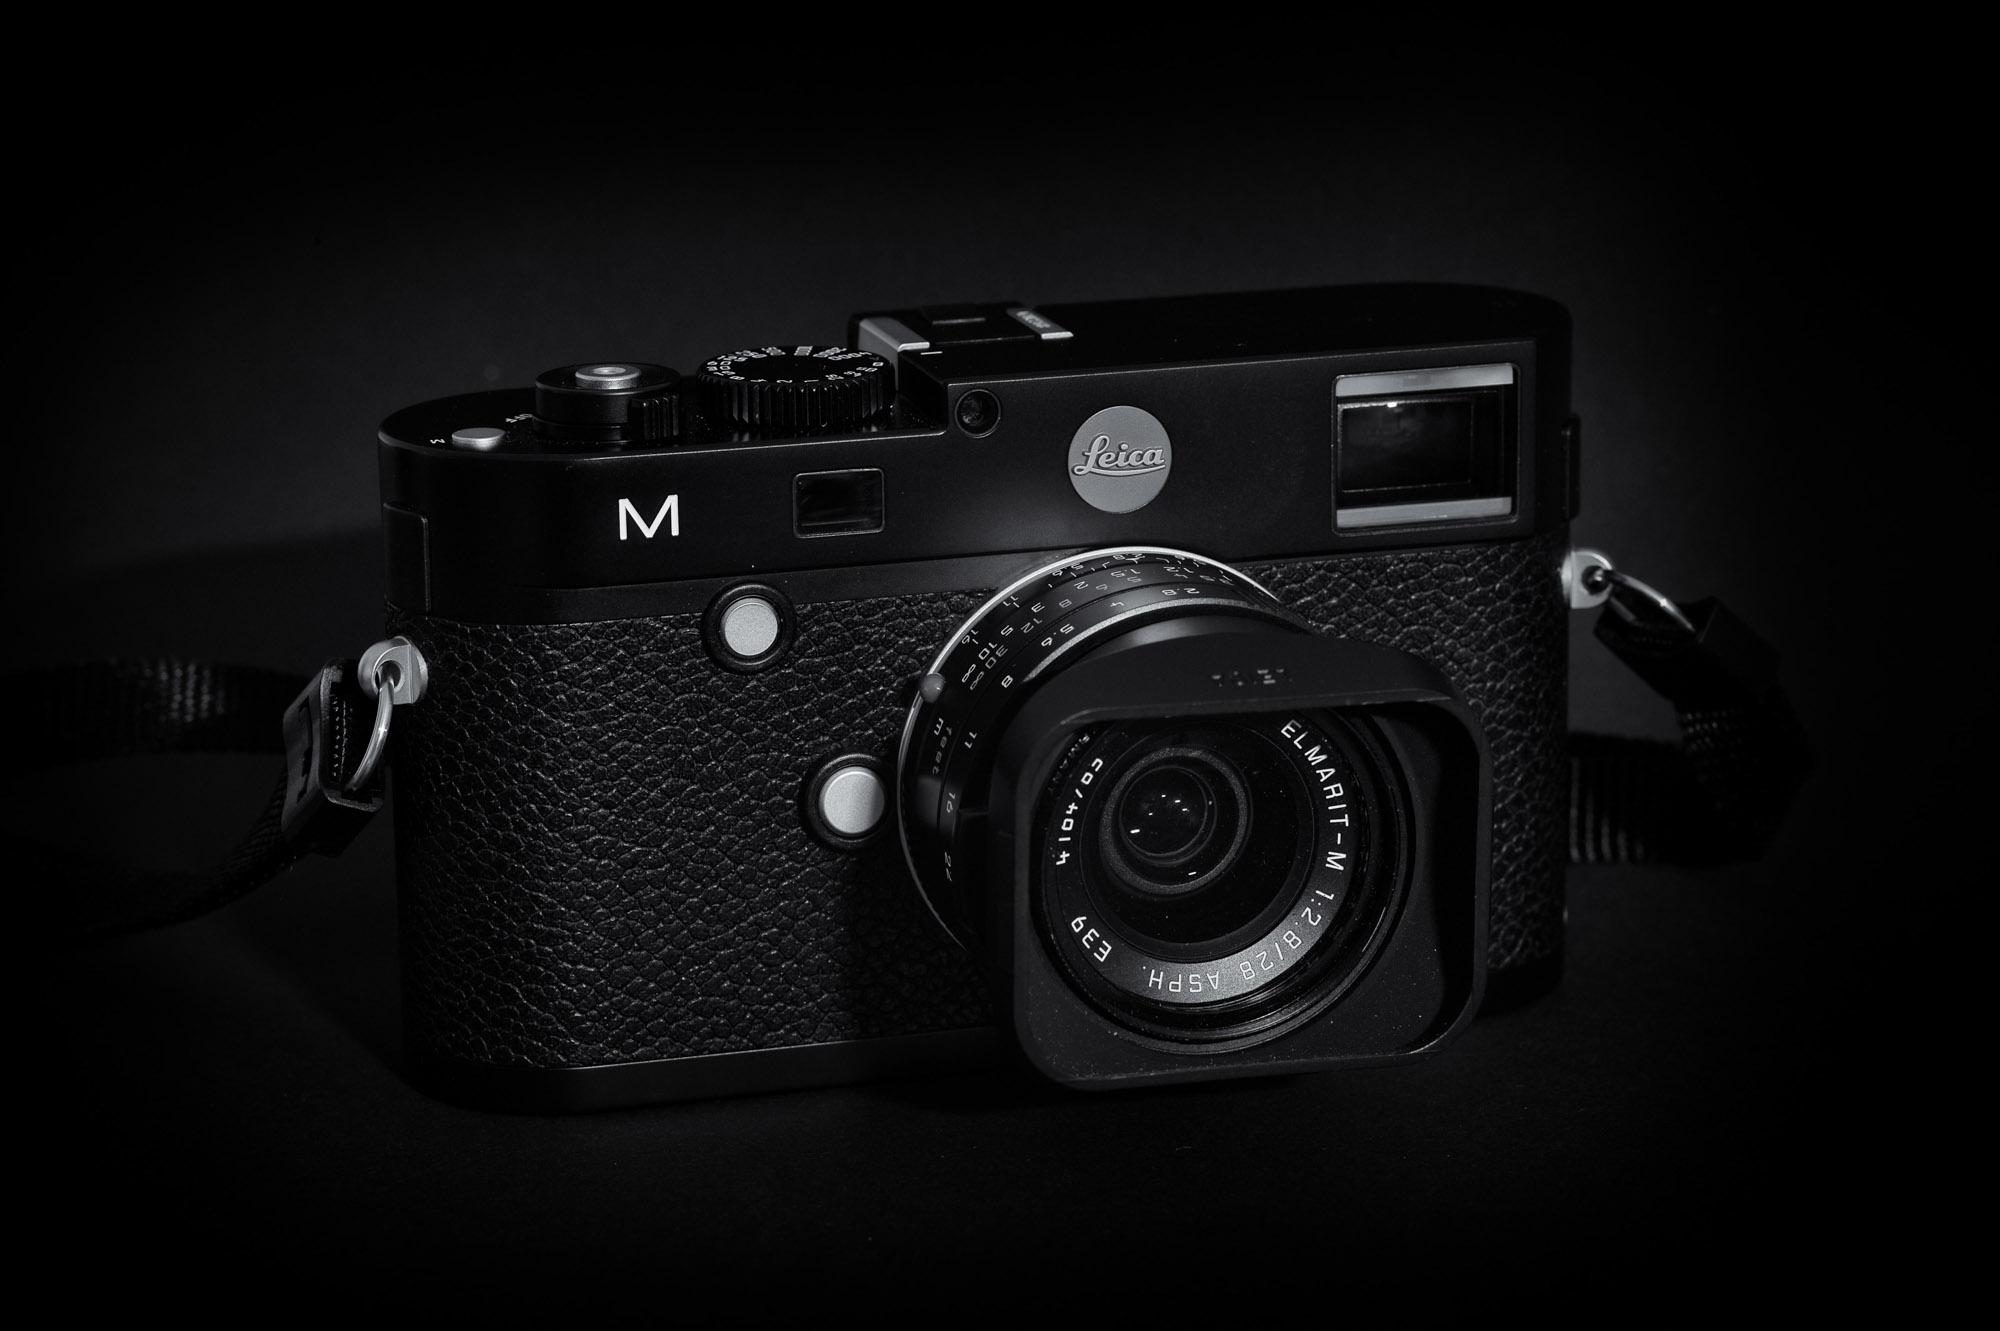 Leica Entfernungsmesser Einstellen : Warum leica messsucherweltmesssucherwelt